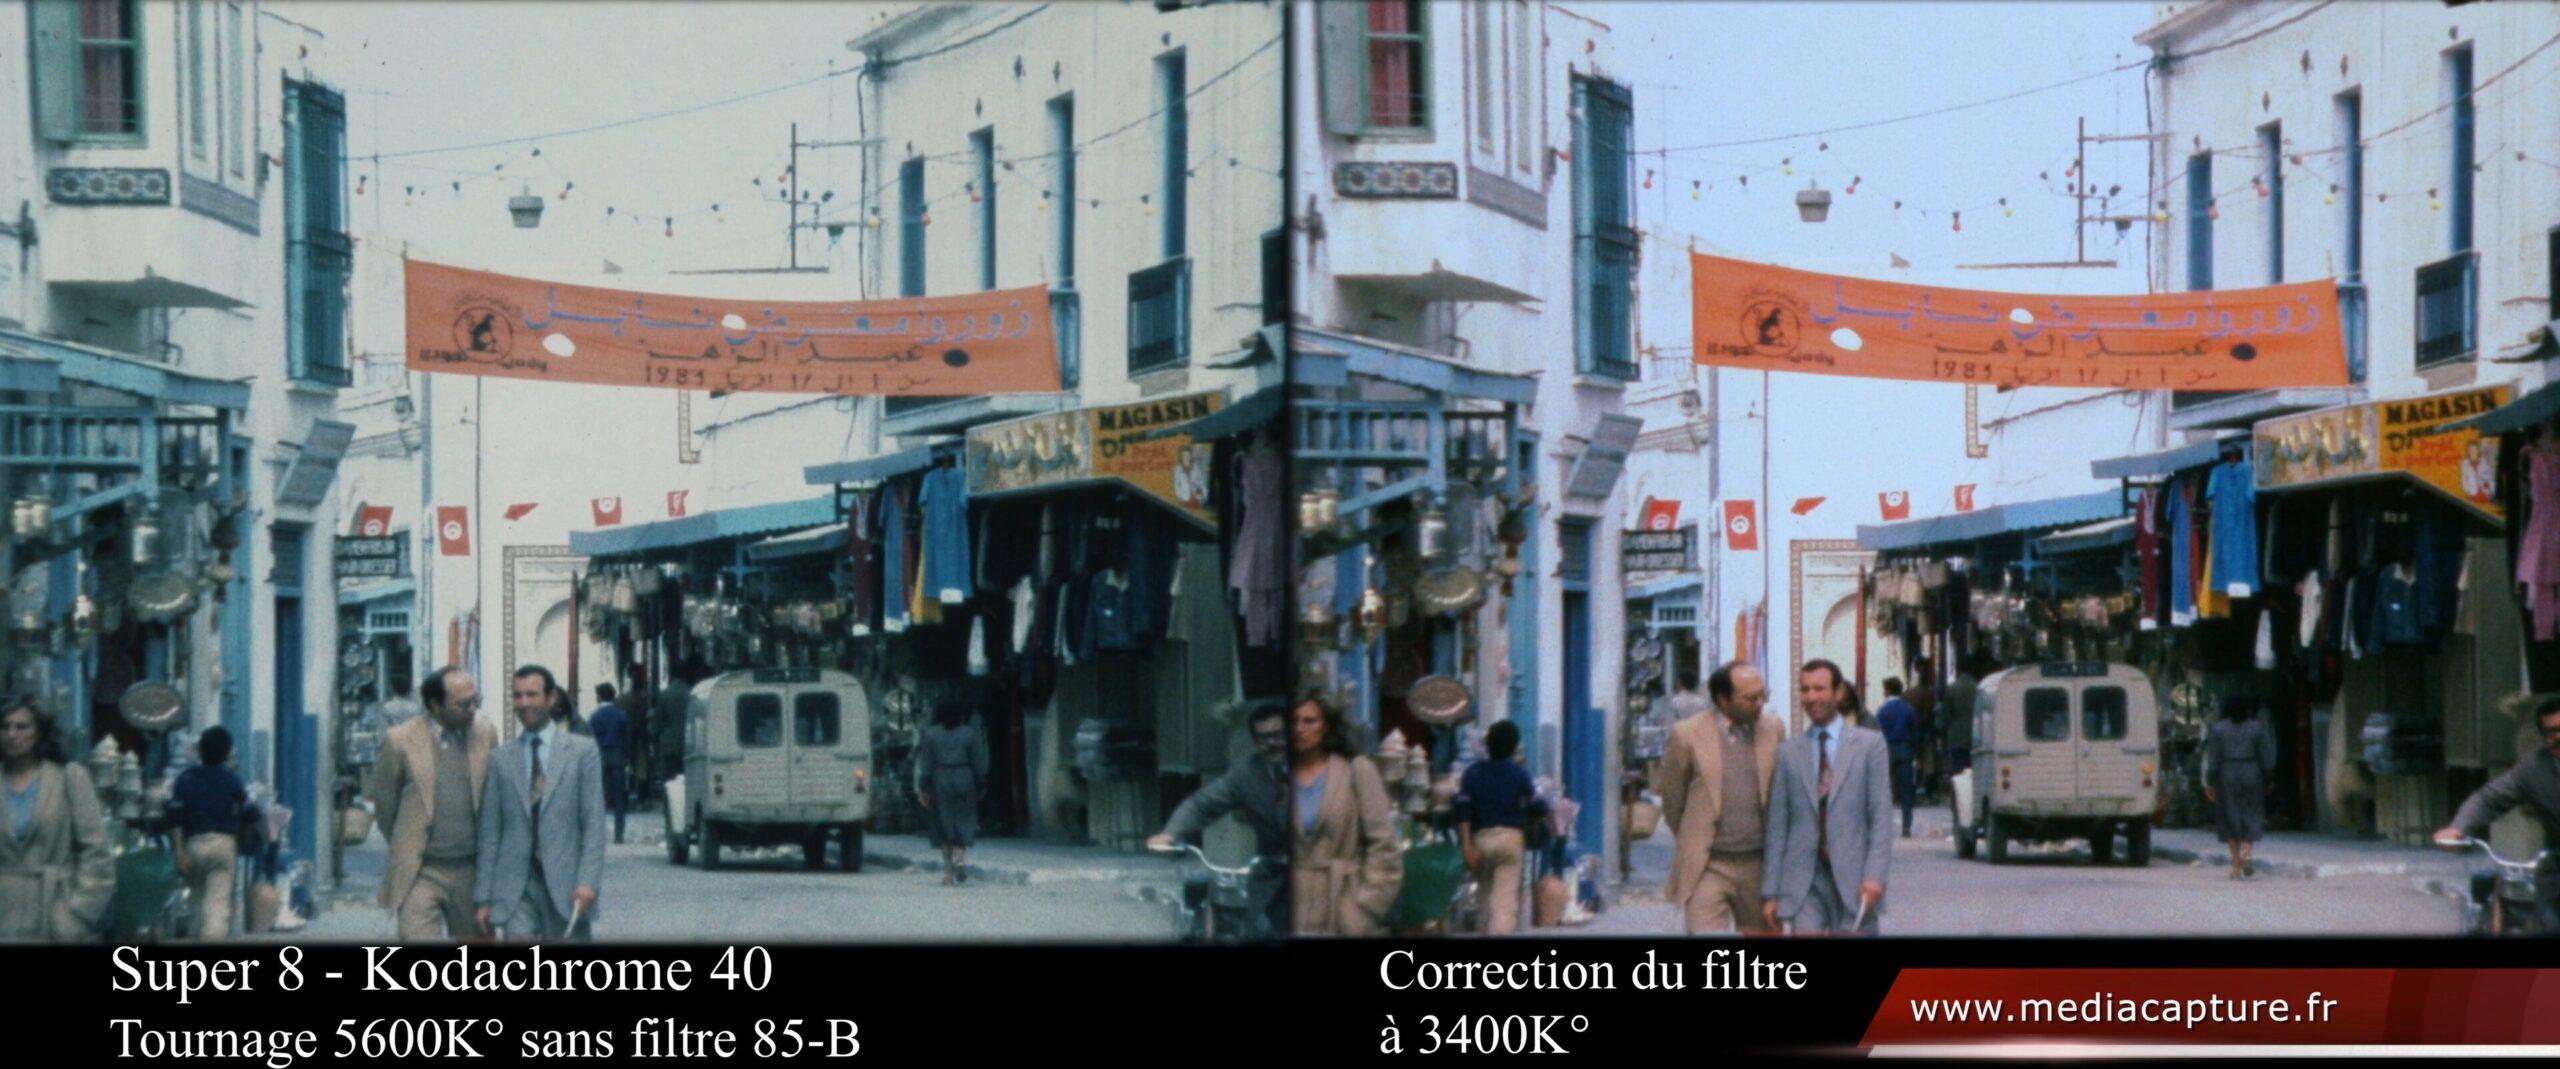 Super 8 - Tunisie 1983 Pâques - Correction de l'absence du filtre 85B - Comparatif-UHD vignette